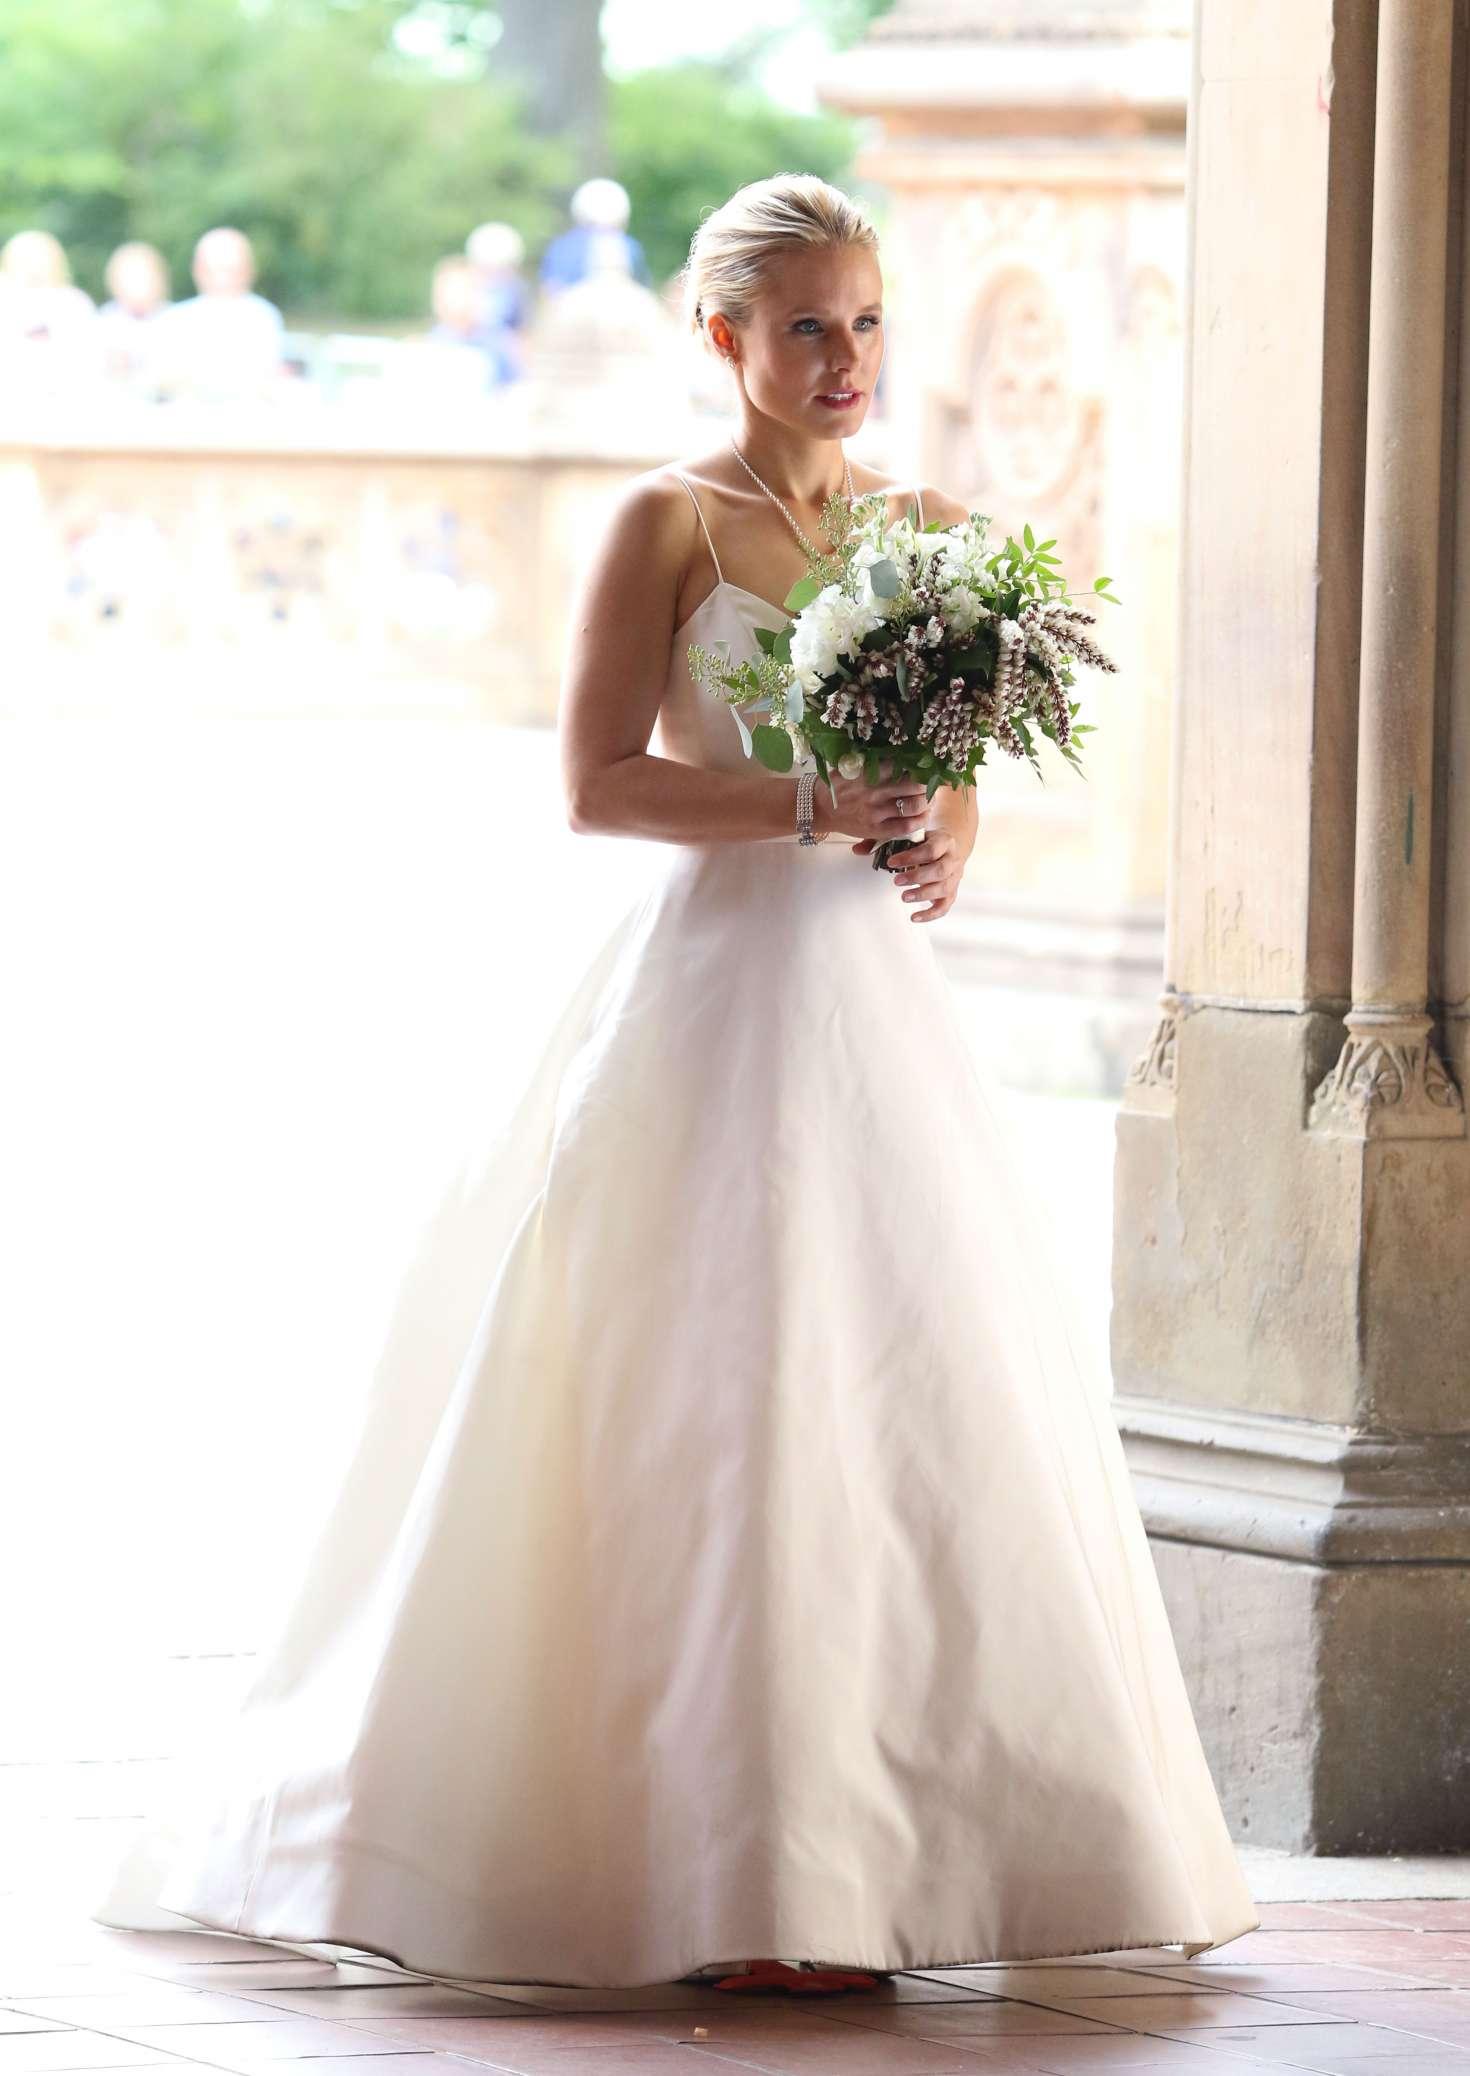 Kristen Bell Dons A Wedding Dress Filming Like Father 54 Gotceleb